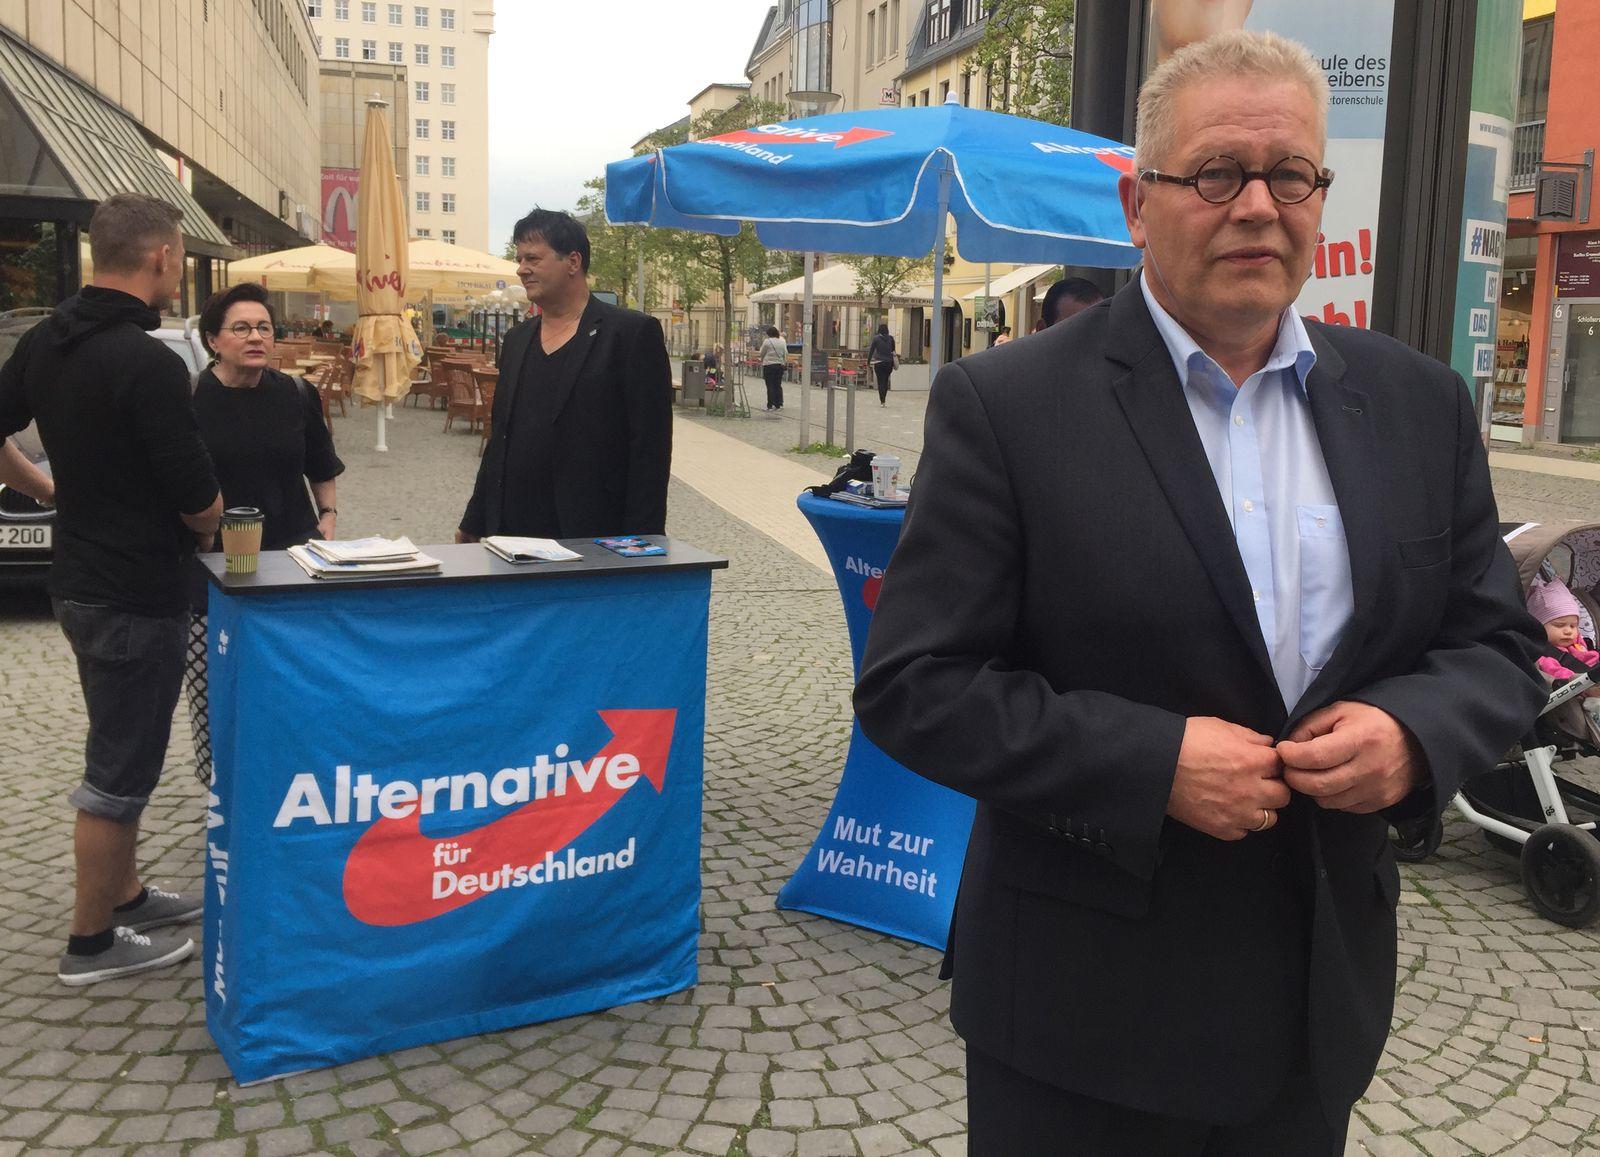 Gera/ AfD-Stand in der Innenstadt mit Dieter Laudenbach